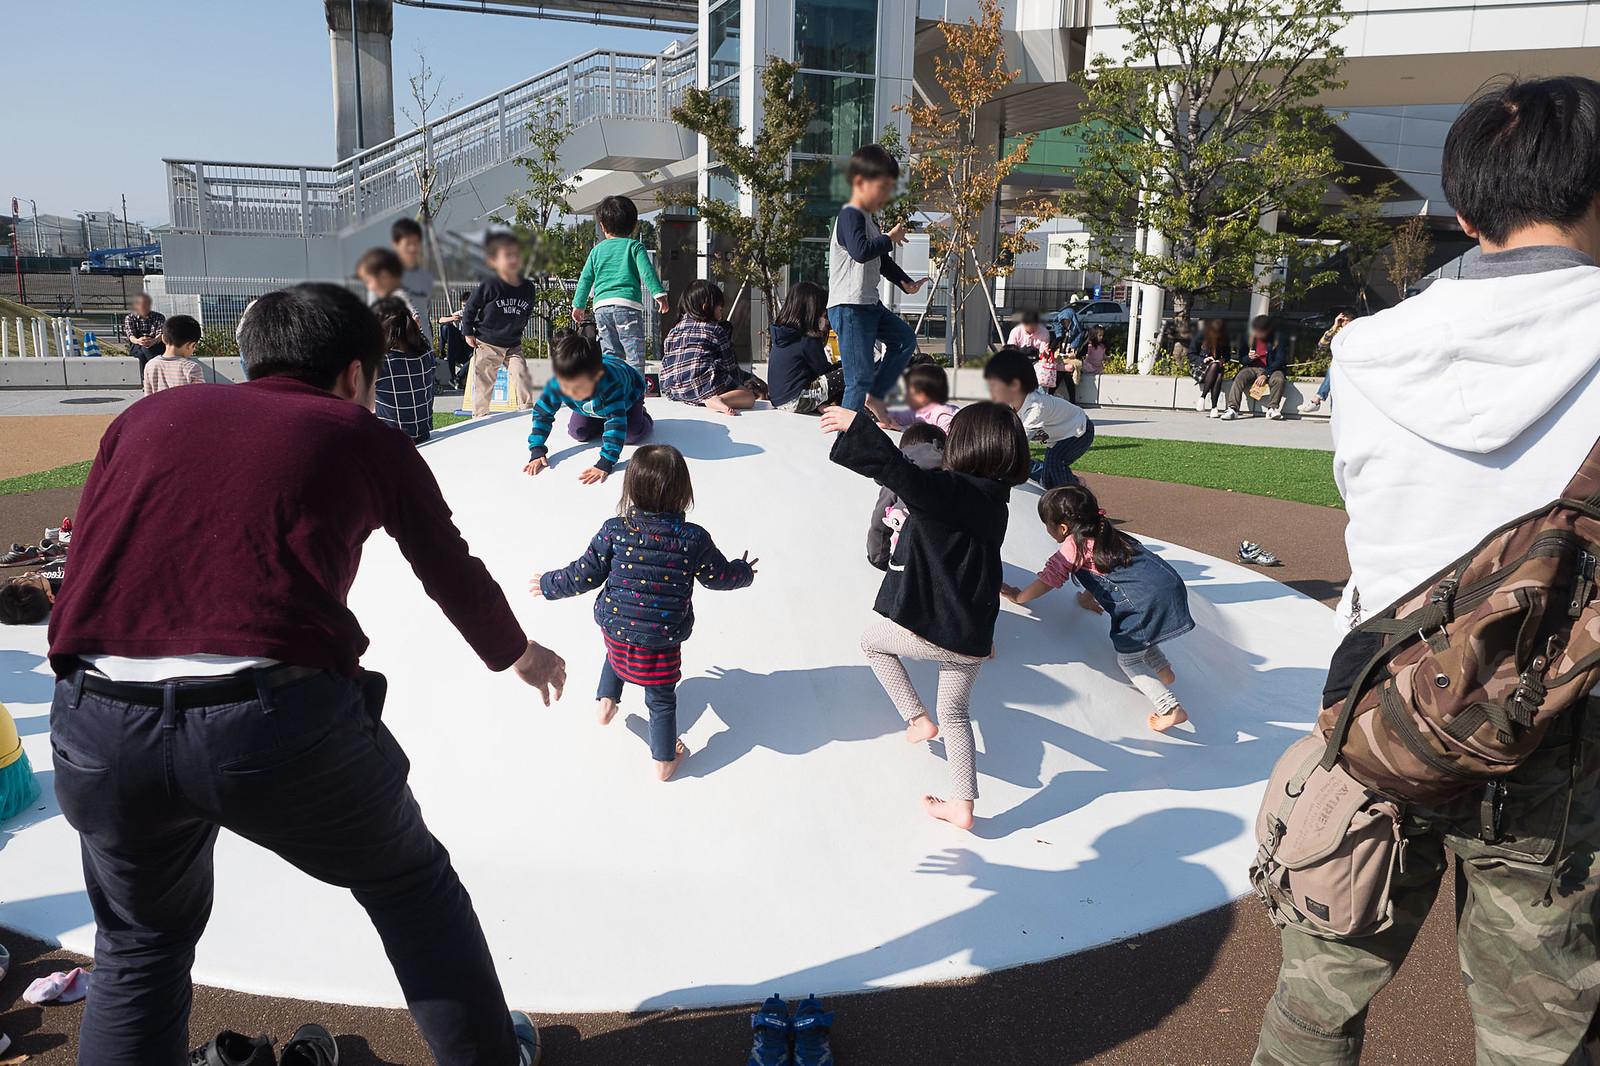 LaLaport_tachikawa_tachihi-11